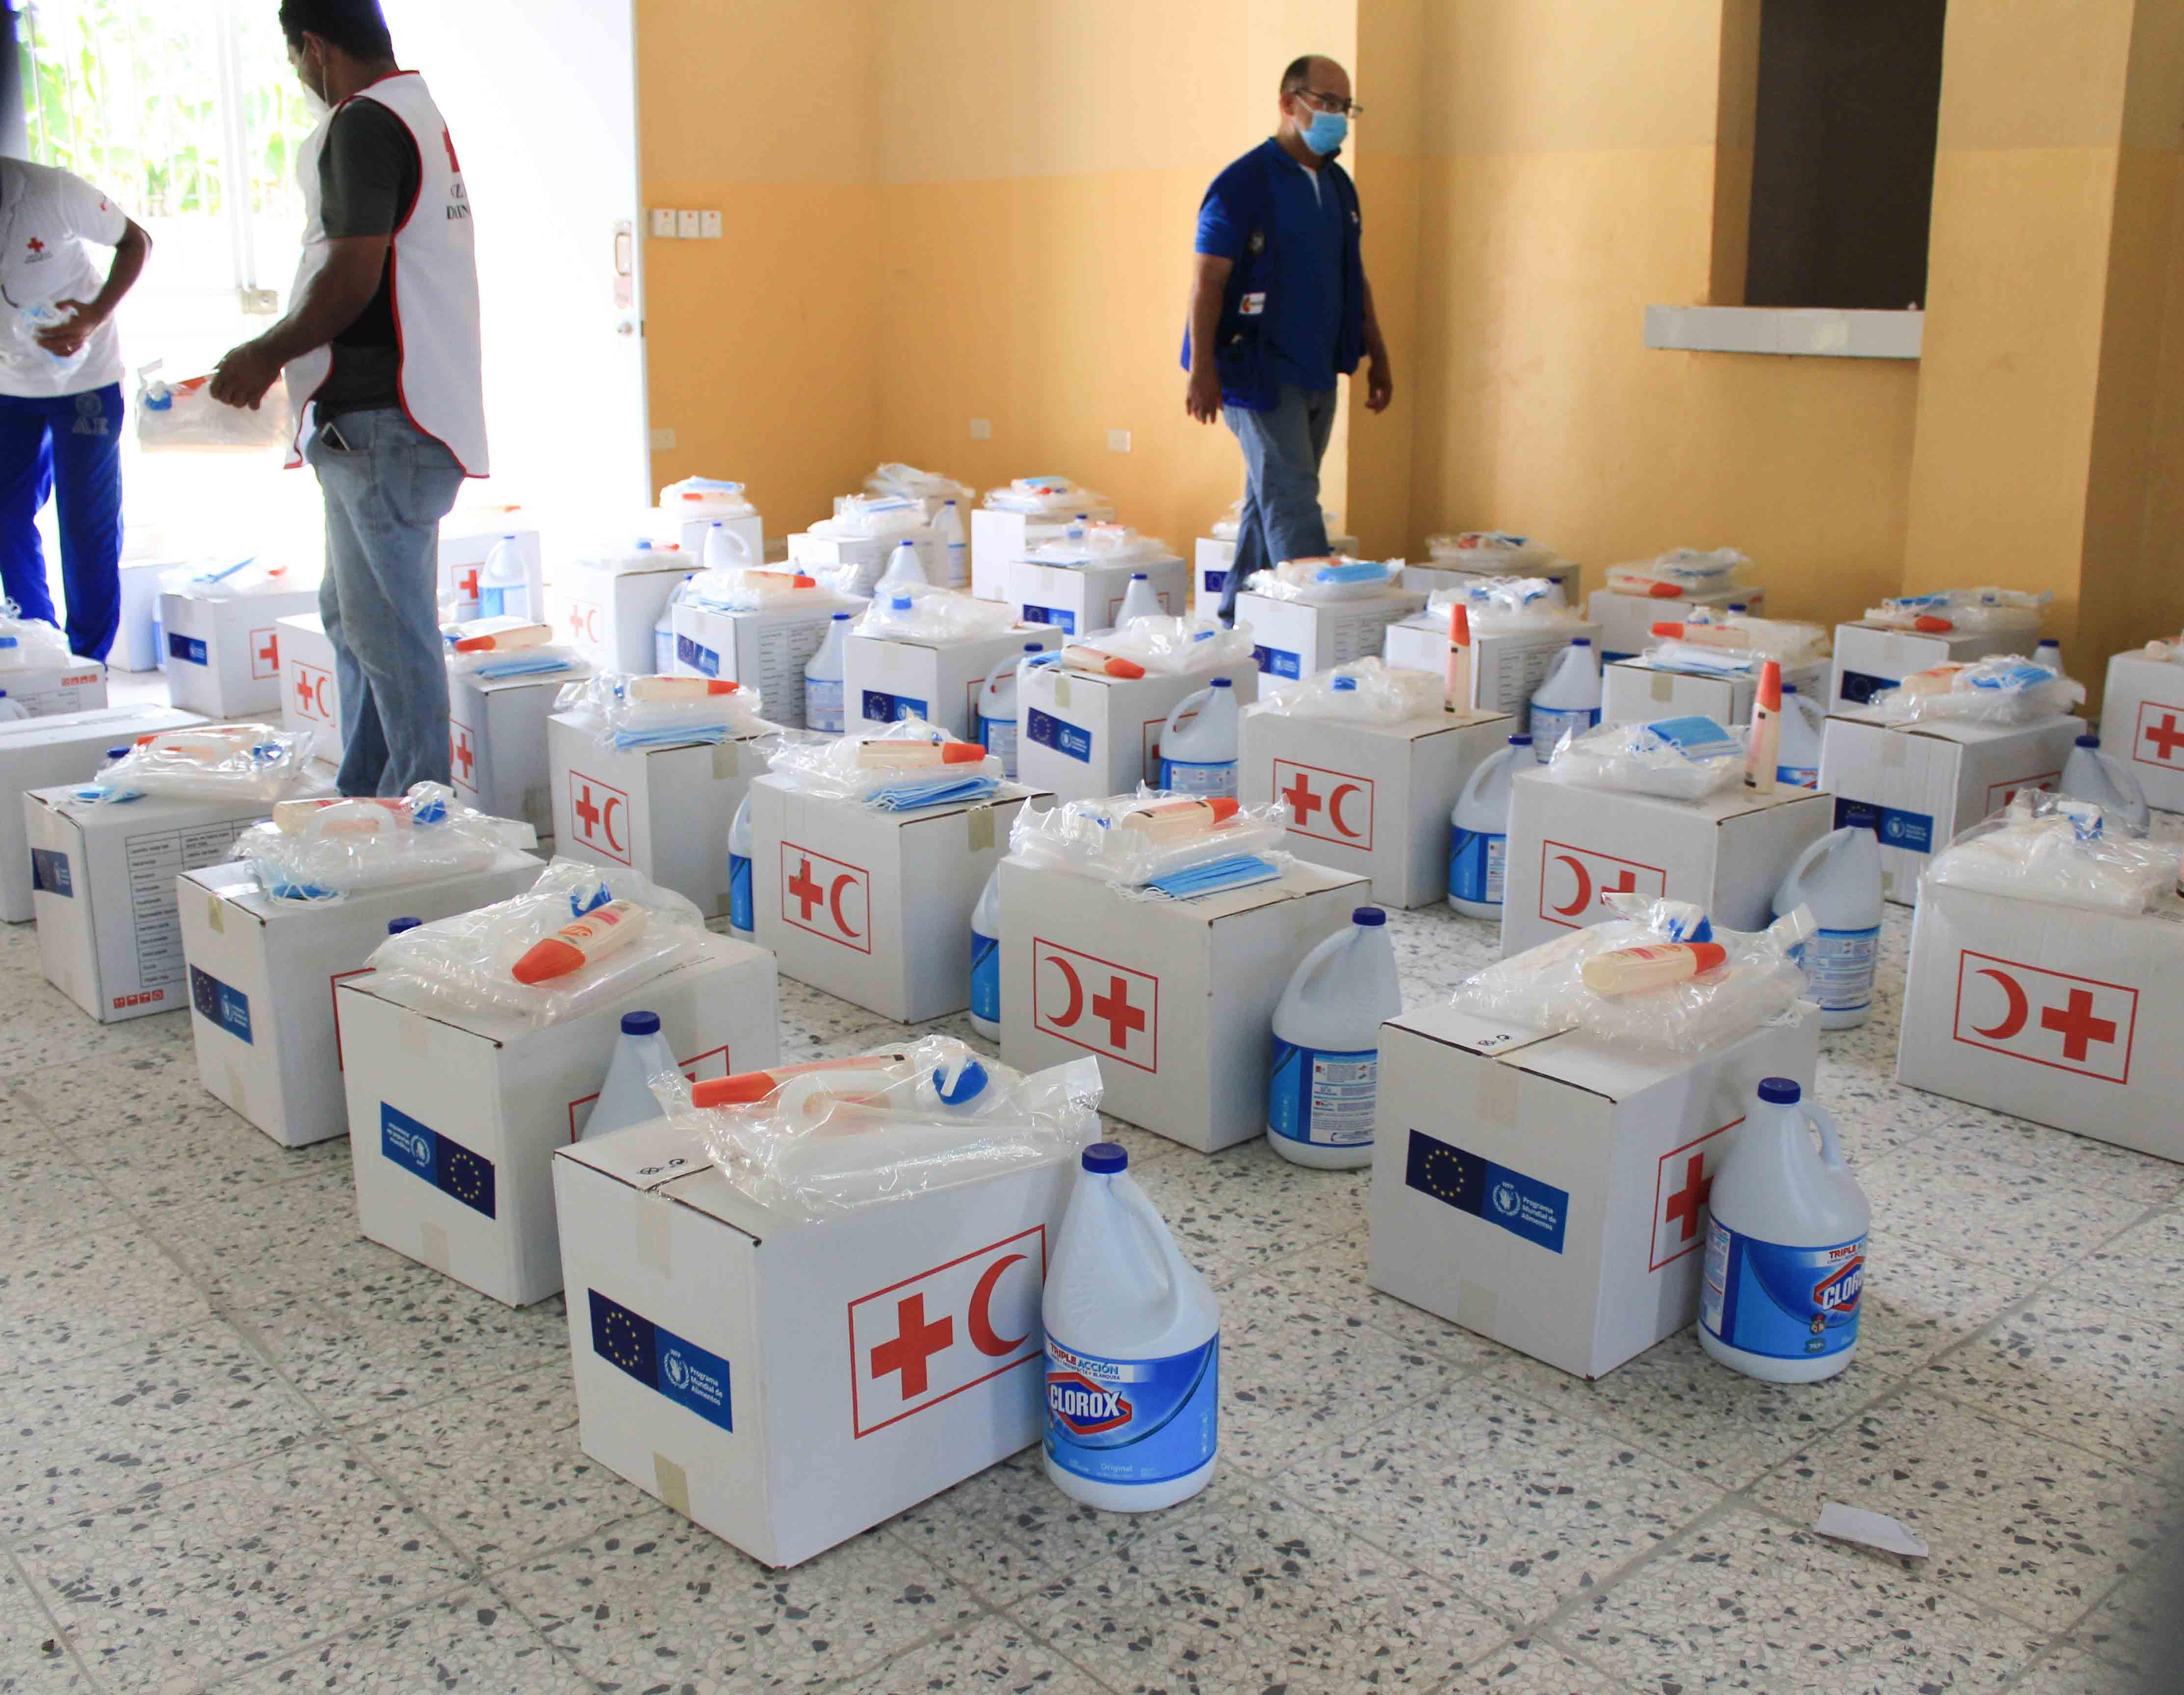 Cruz Roja distribuye asistencia humanitaria en Uvilla tras paso de la tormenta Laura